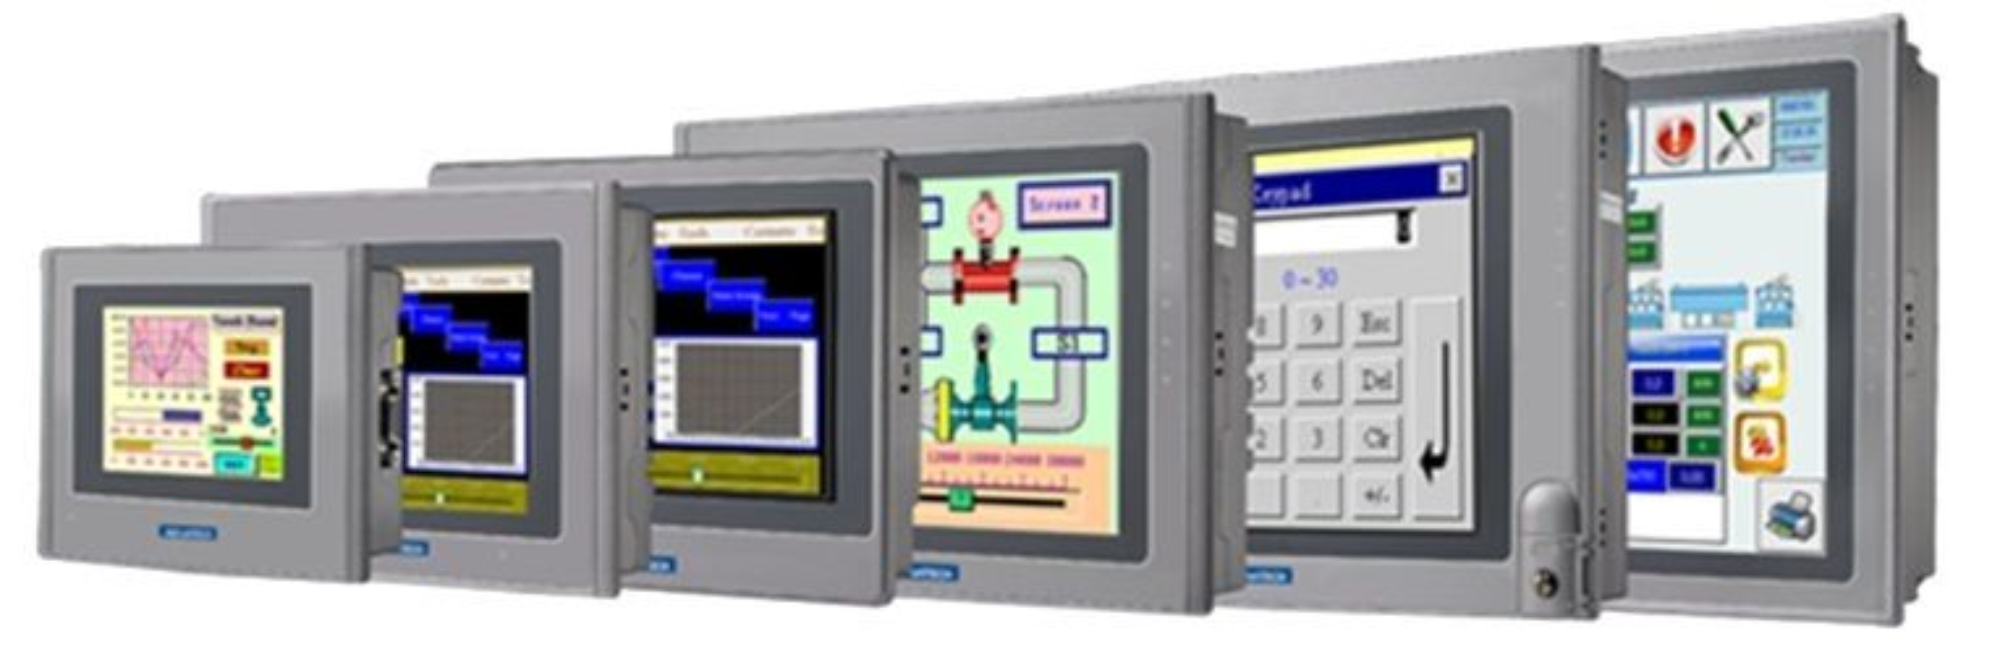 Prosesstyring med operatørpaneler